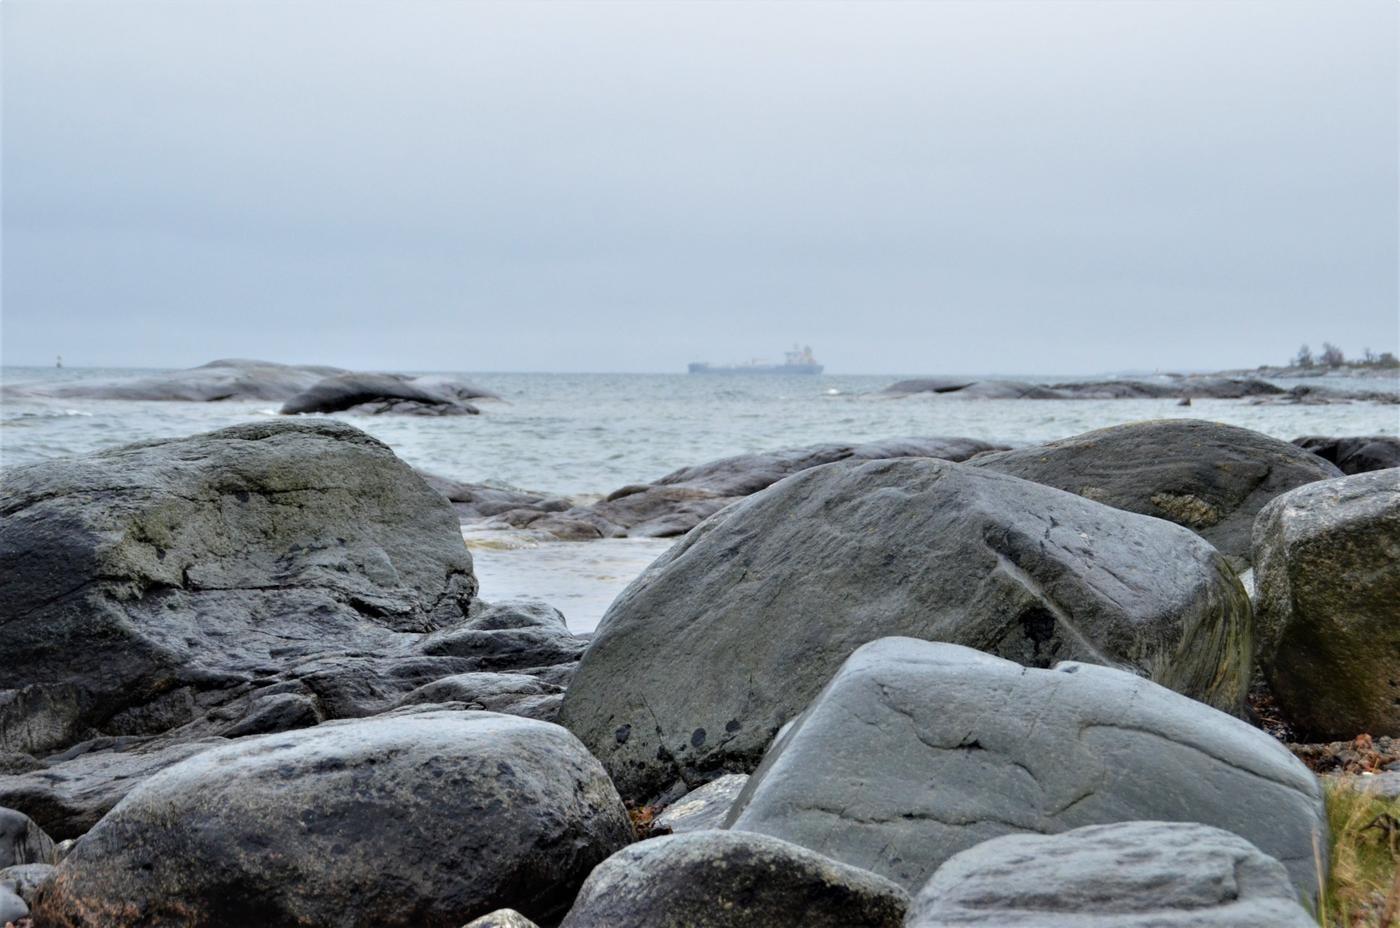 Ett fraktfartyg lånt ute på havet.